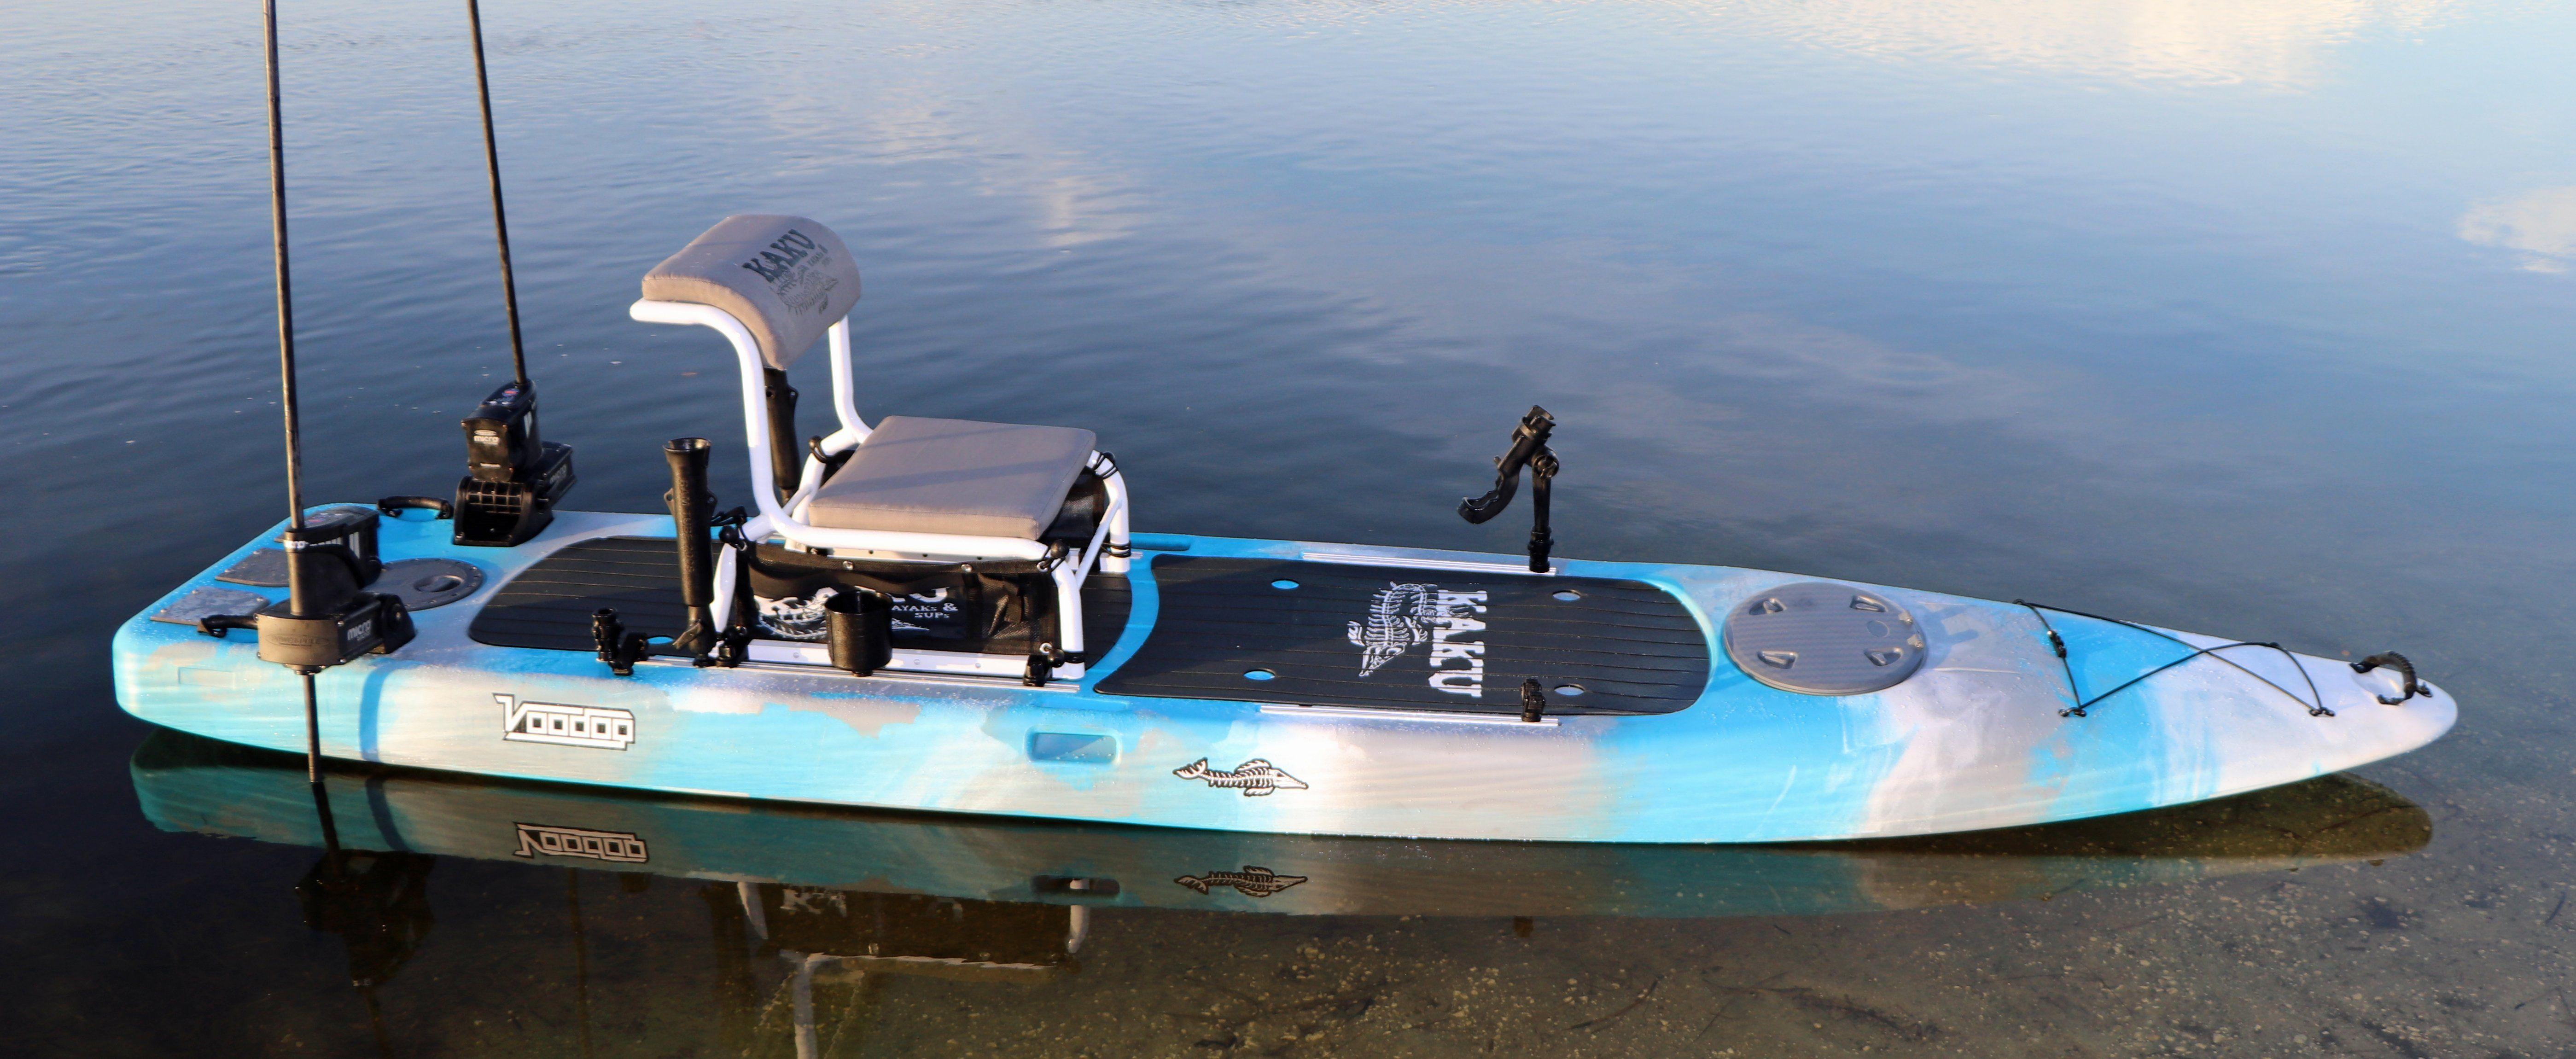 Kayak Anchor Kayak Canoe Motorboat SUP Paddle Board Boat Anchor Kayak Fishing